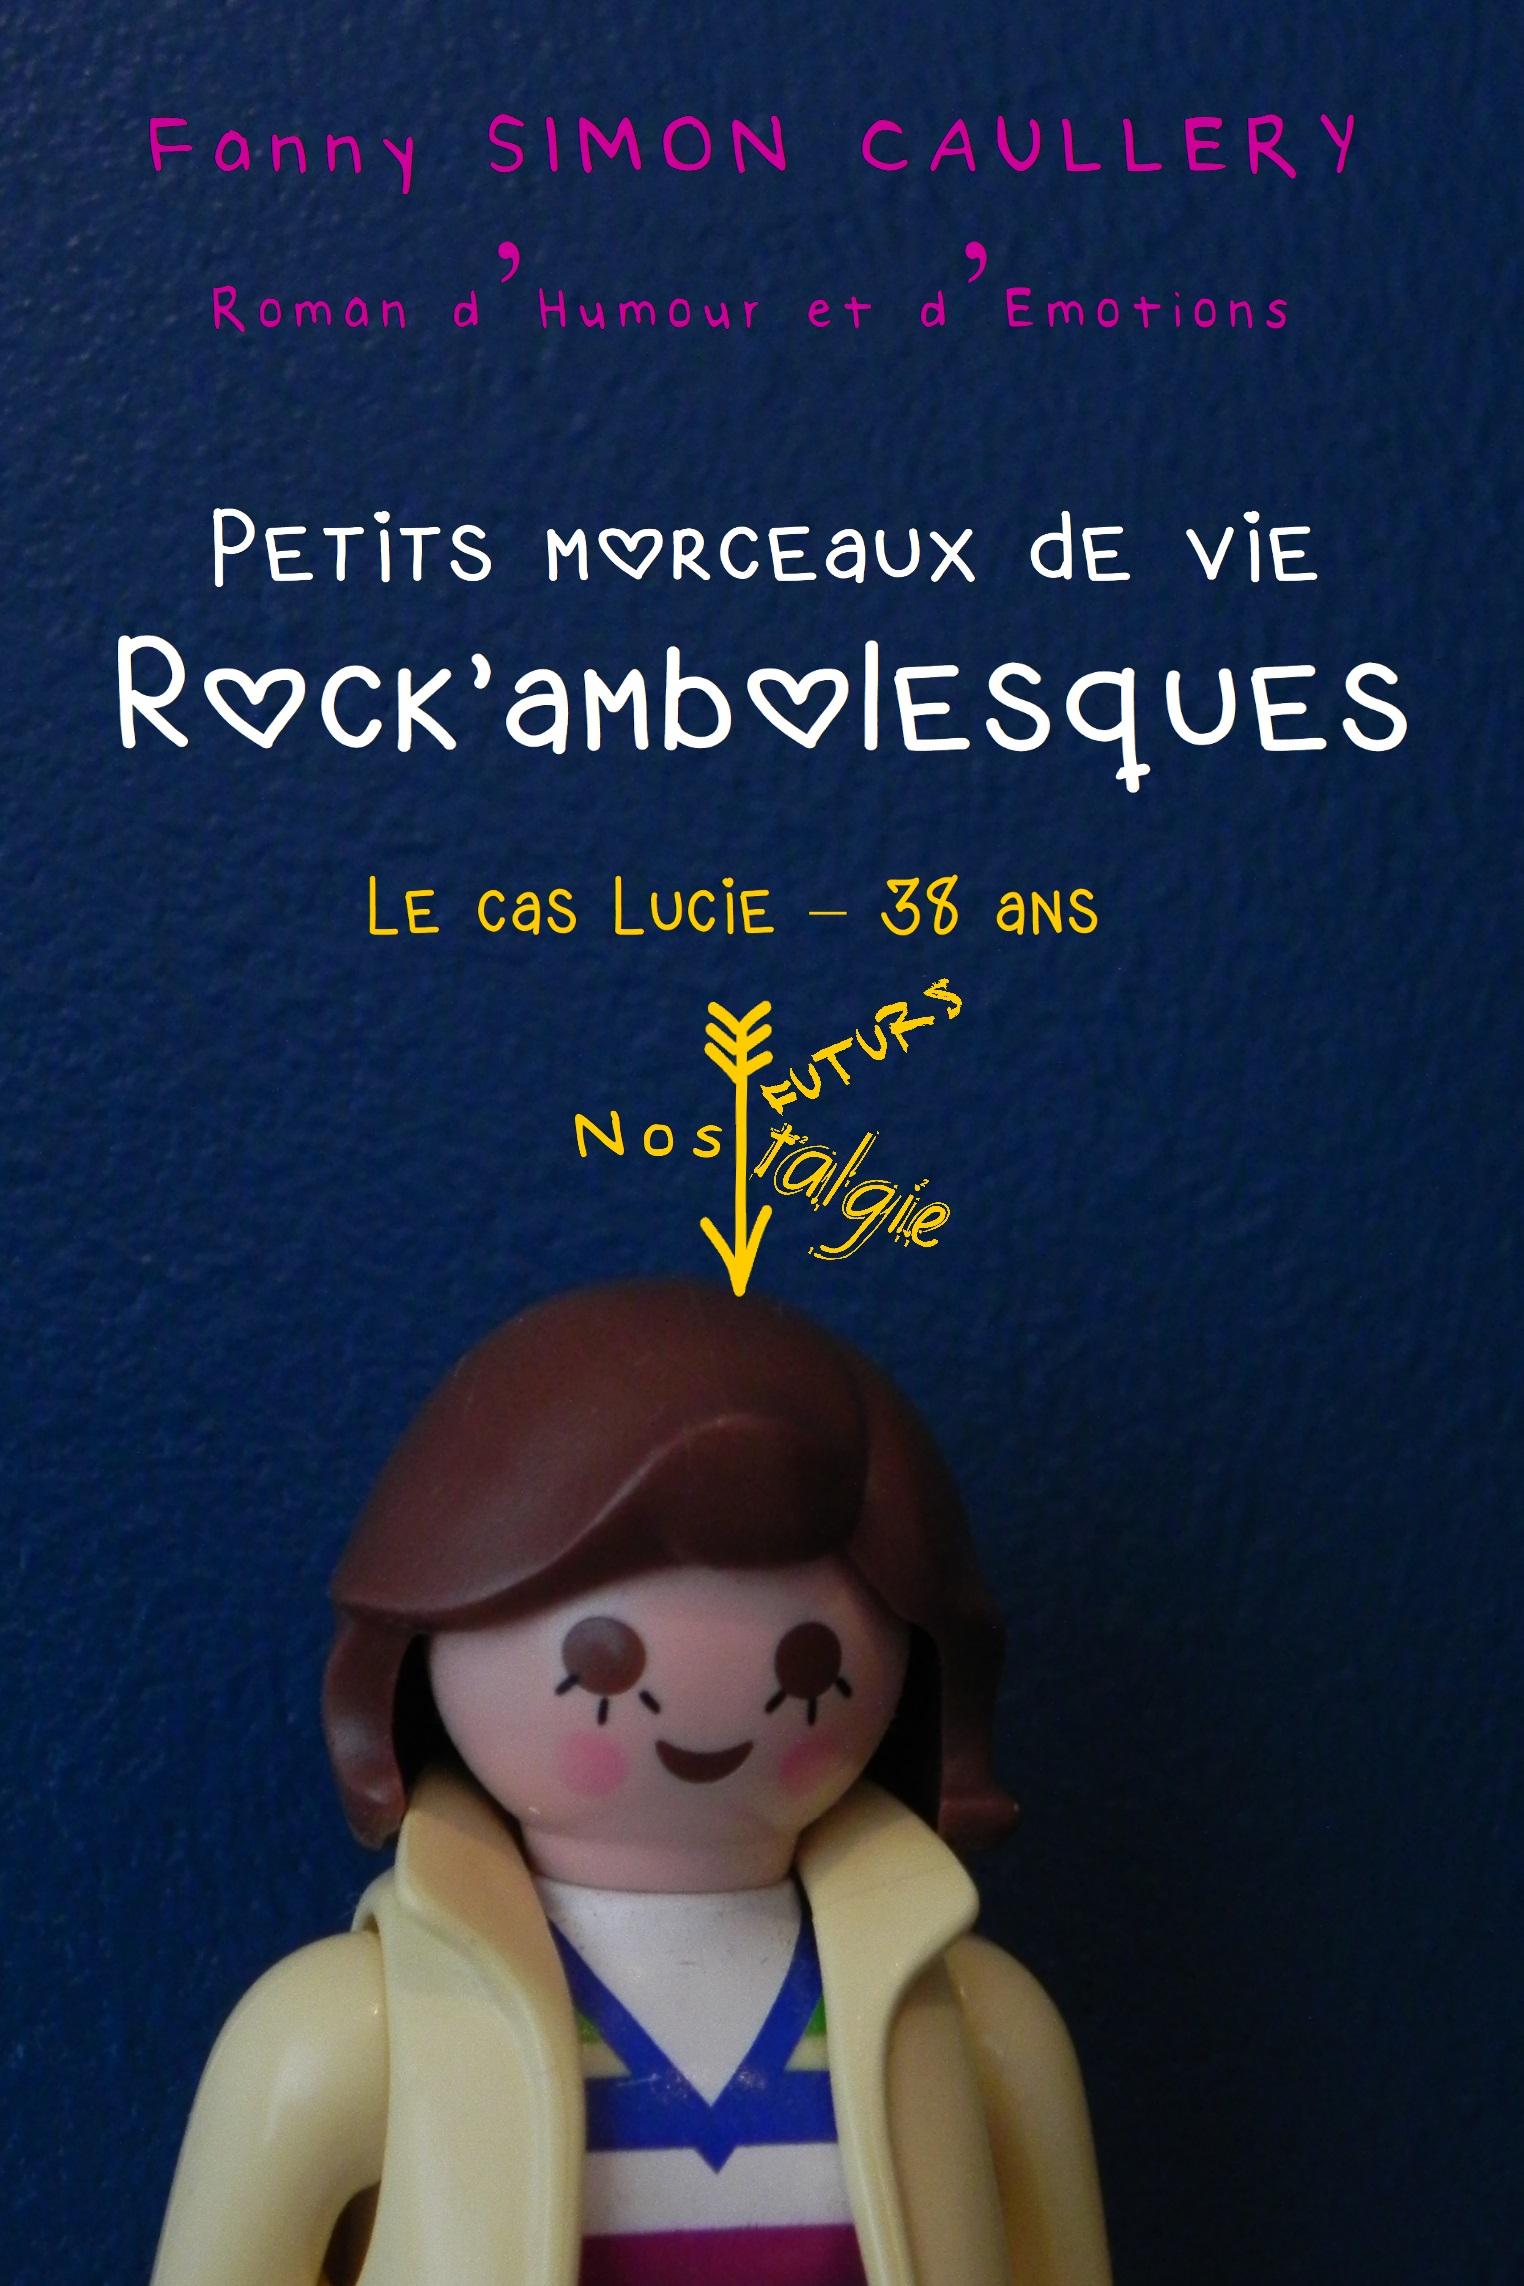 Petits morceaux de vie rock'ambolesques, Le cas Lucie - 38 ans